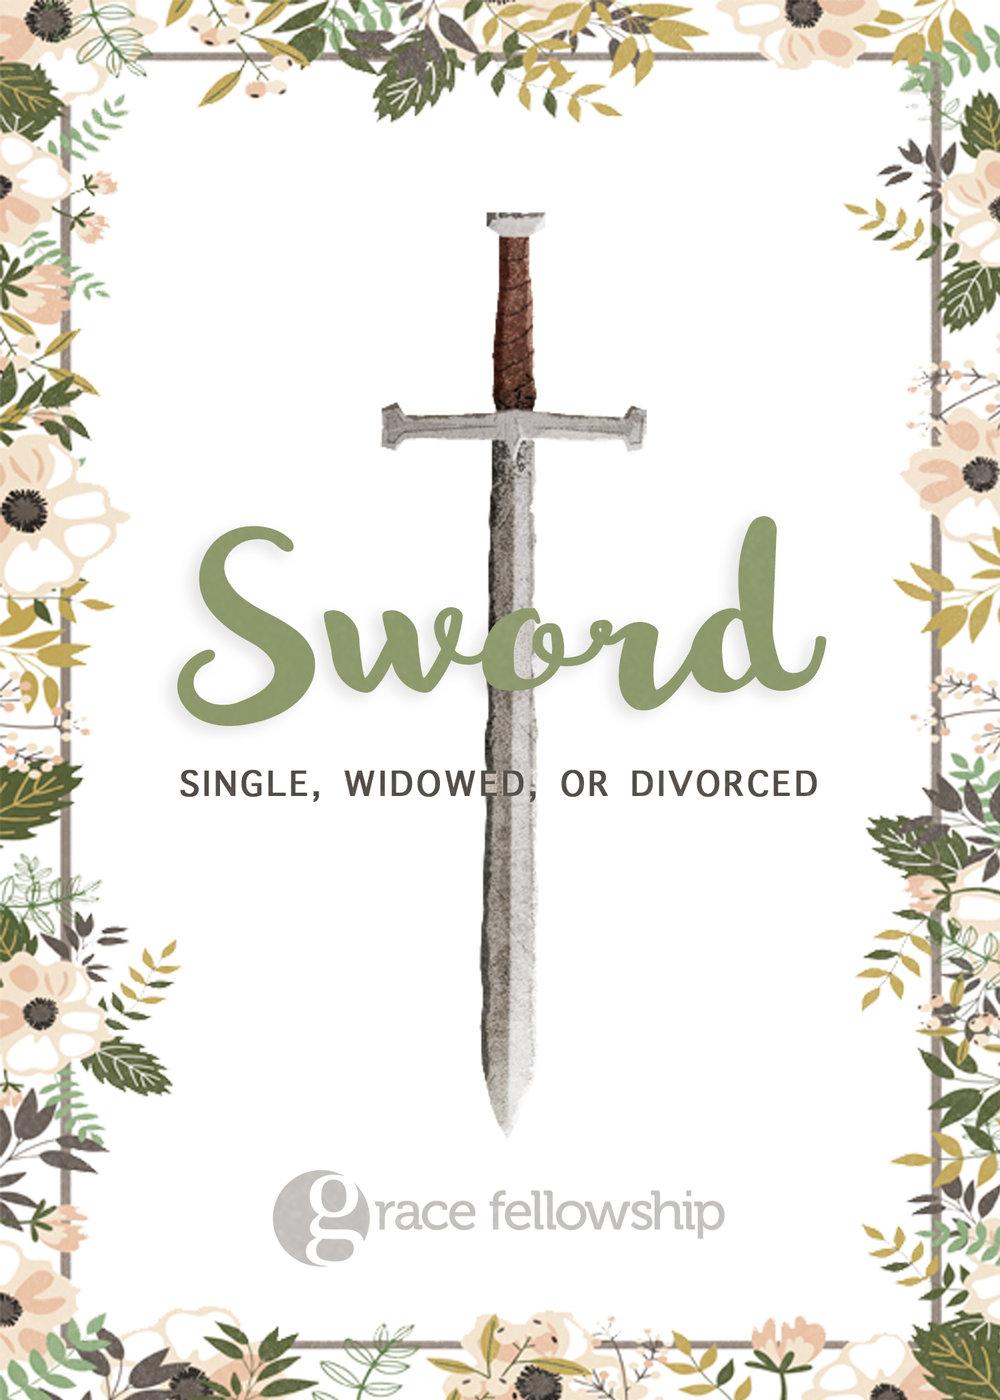 SwordInviteCard.jpg